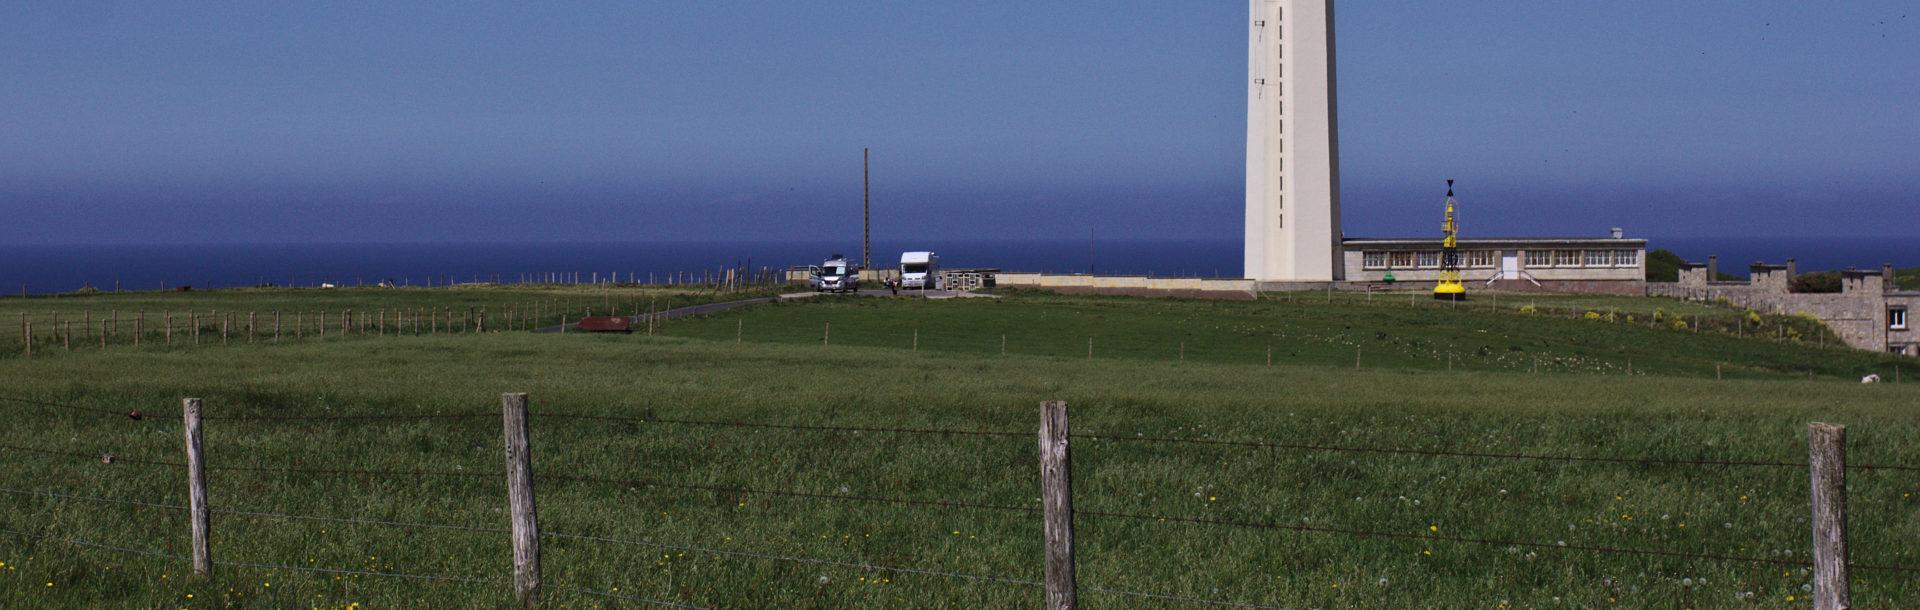 Création d'un observatoire ornithologique au phare d'Antifer (76)